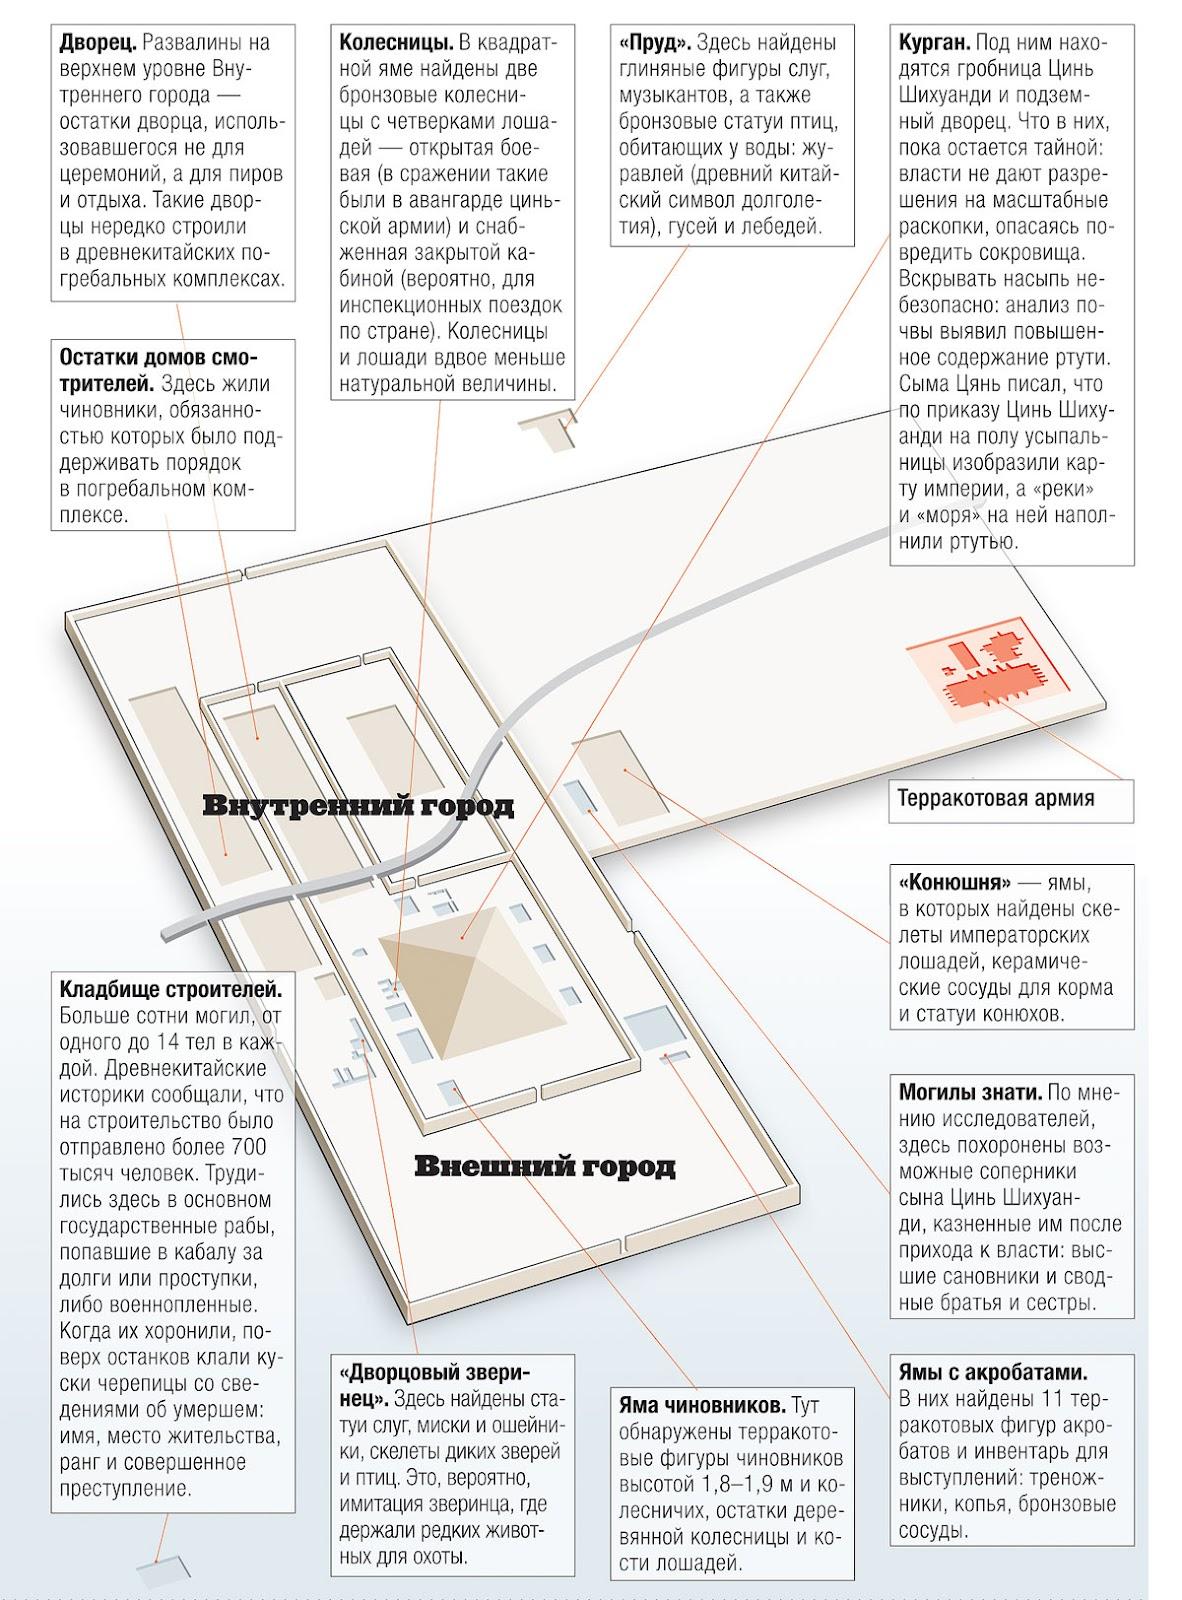 Infografika-1.jpg